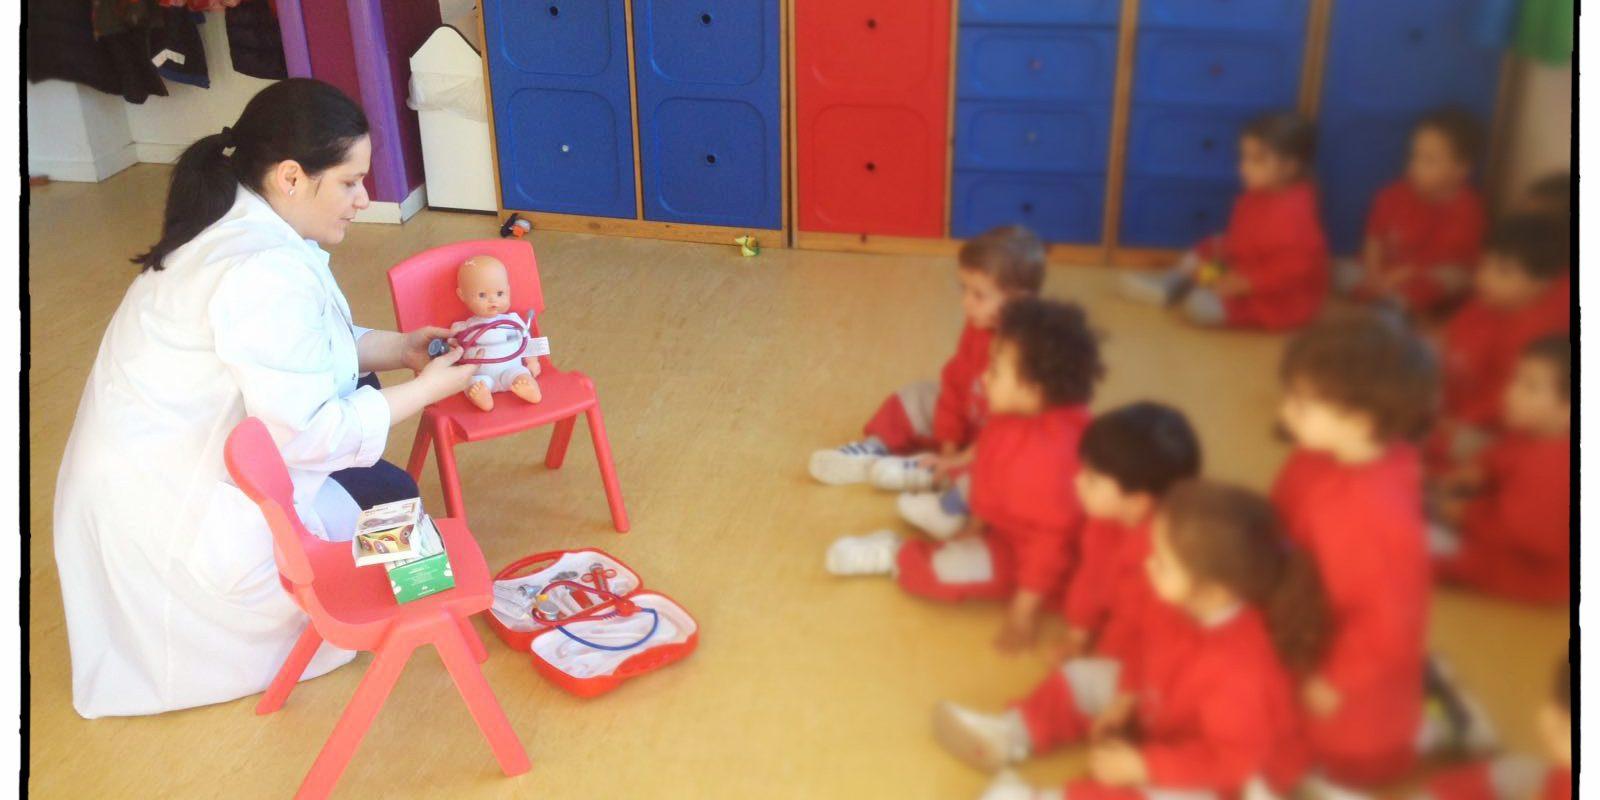 Mam pediatra visita piquio piquio escuela infantil pozuelo - Escuela infantil pozuelo ...